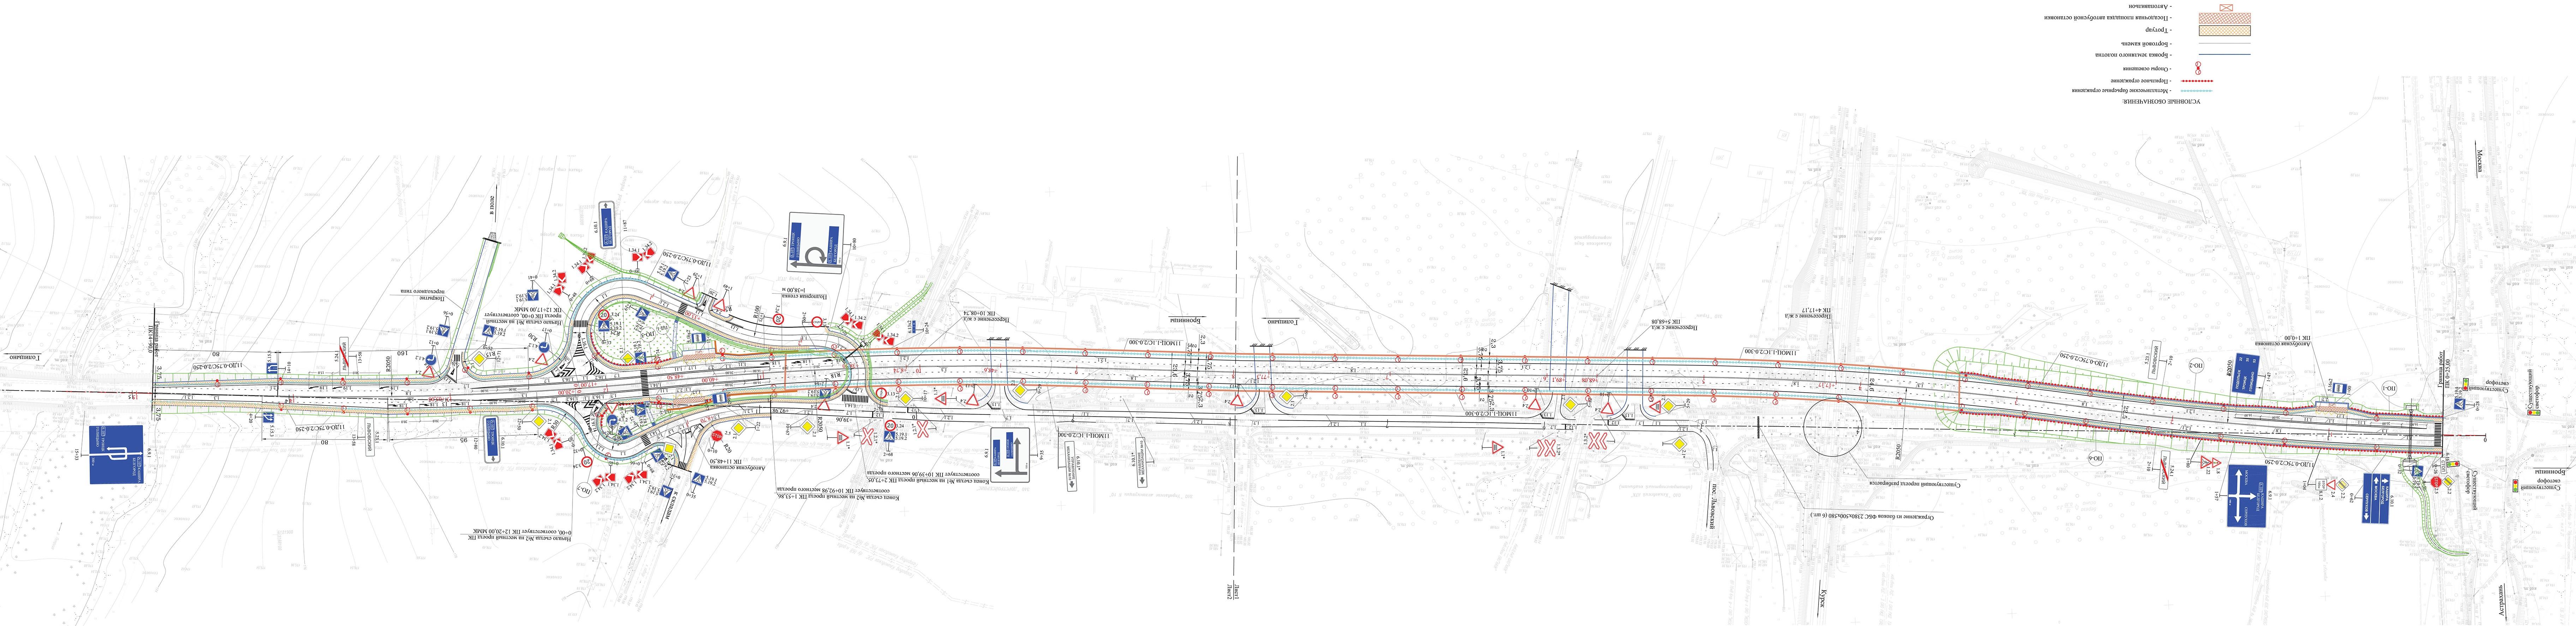 реконструкция волоколамского шоссе схема